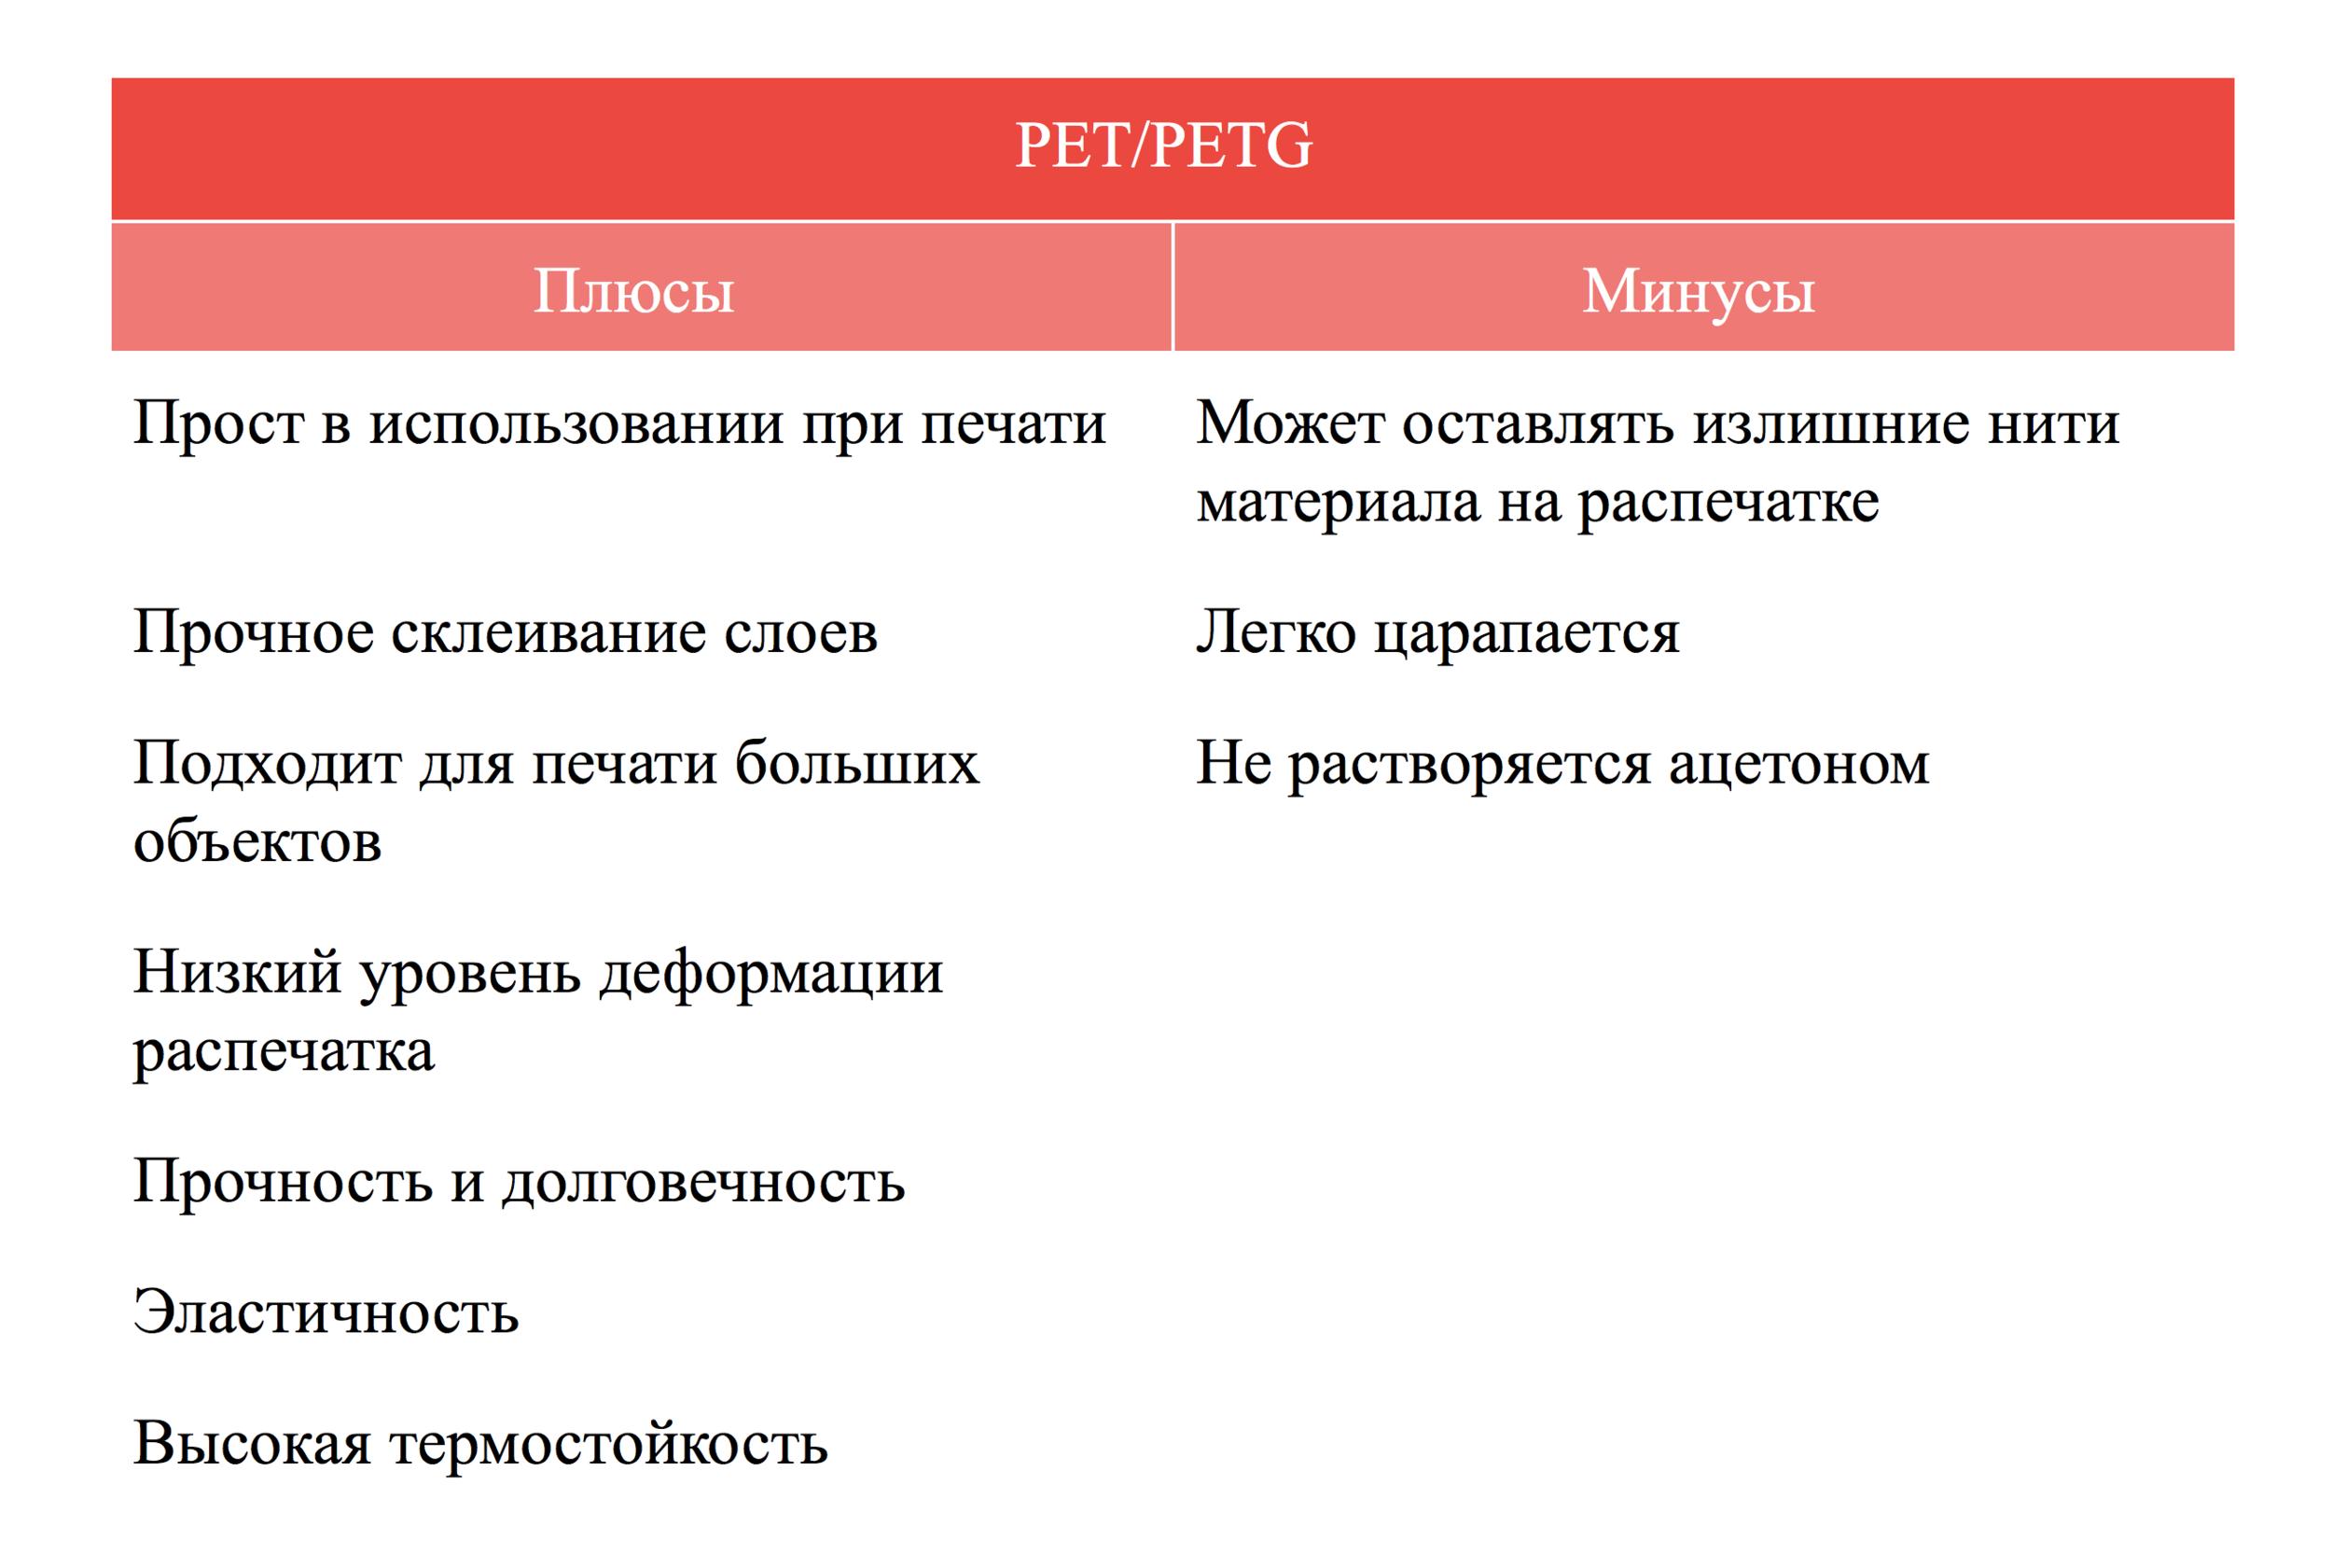 Плюсы и минусы PET:PETG пластика qbed.space.png